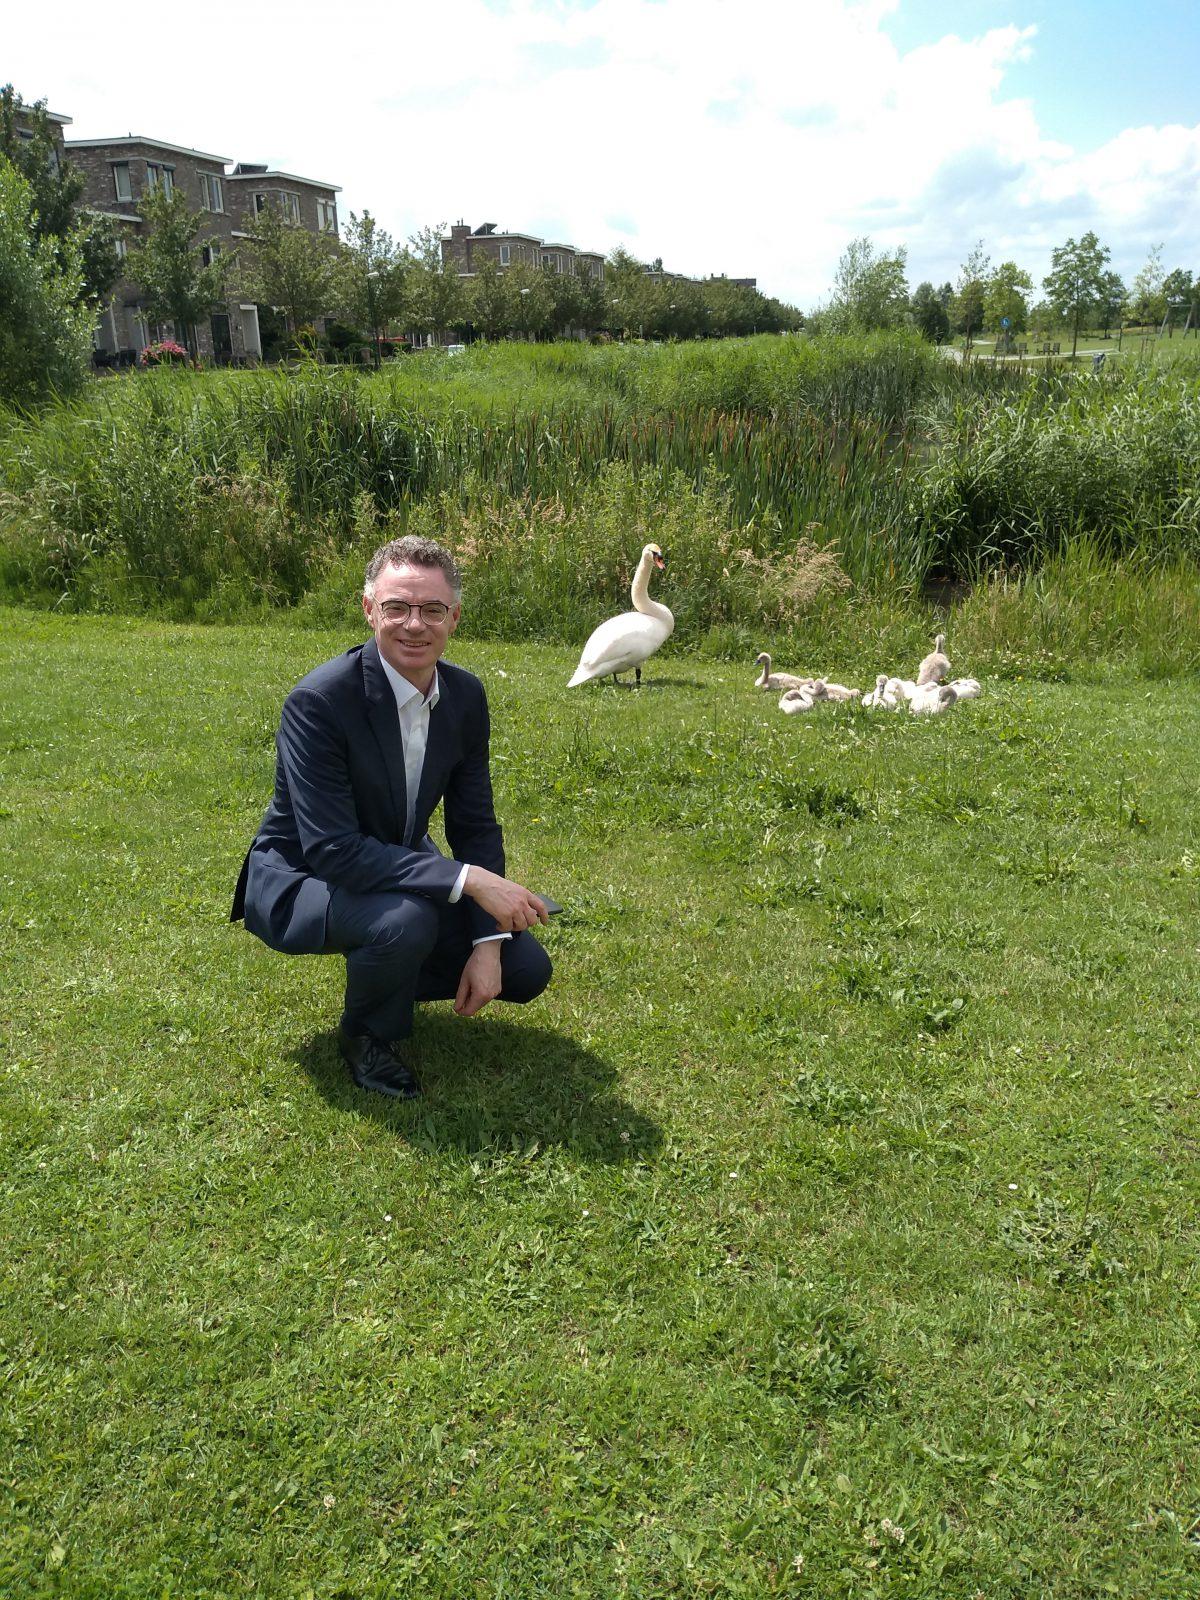 Op pad met de burgemeester van Houten